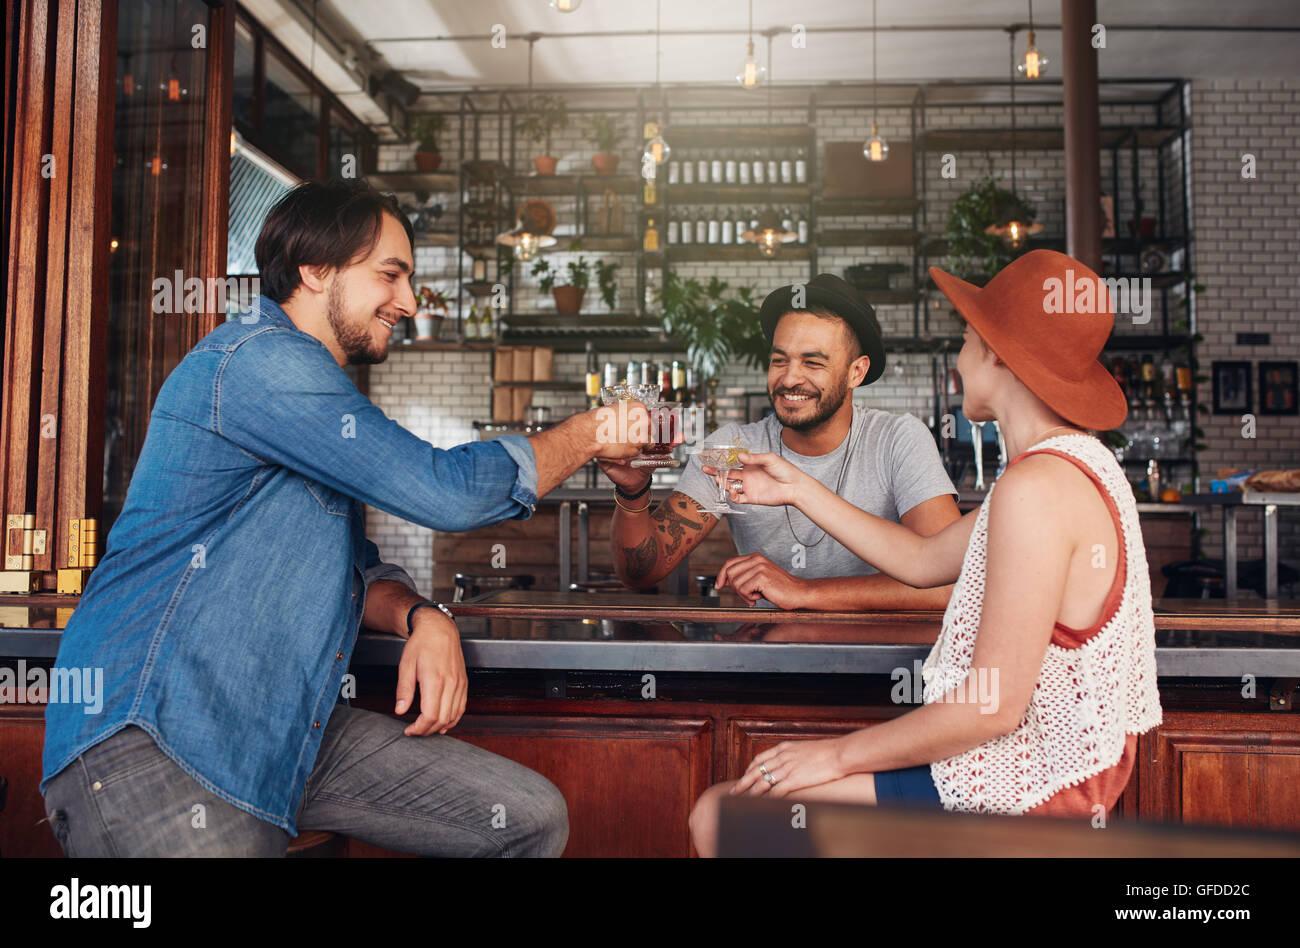 Tres jóvenes sentados en el restaurante y tener un brindis. Grupo de amigos en un café bebiendo y tostado. Imagen De Stock